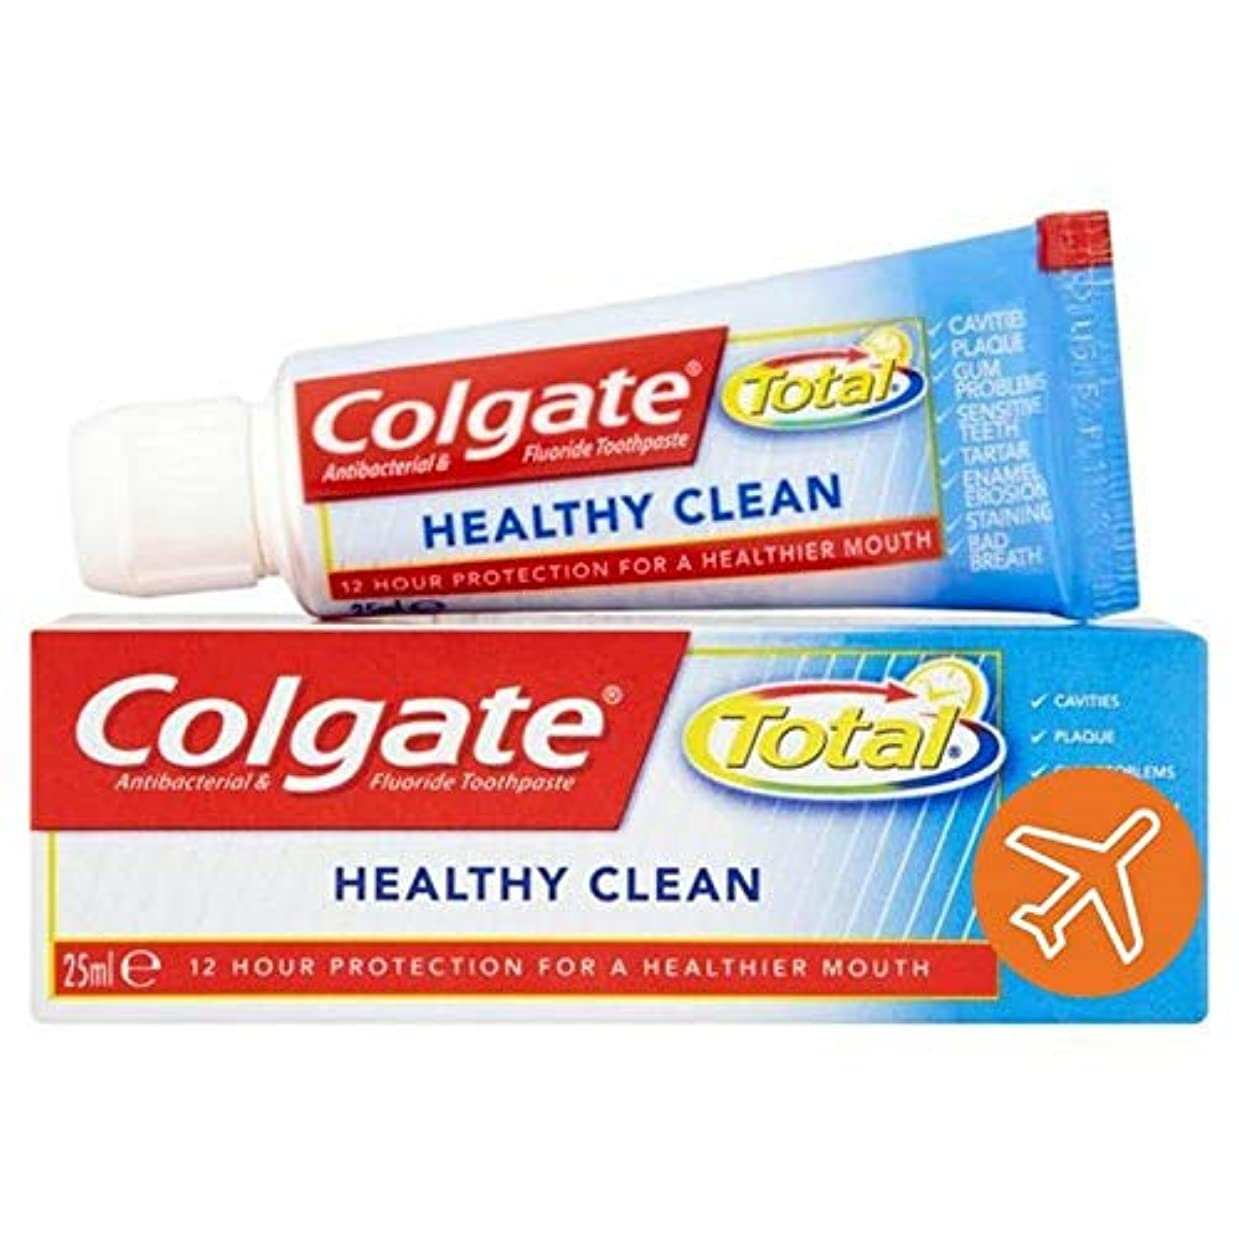 監査打撃改善[Colgate ] コルゲートトータル健康クリーントラベルサイズの歯磨き粉25ミリリットル - Colgate Total Healthy Clean Travel Size Toothpaste 25ml [並行輸入品]